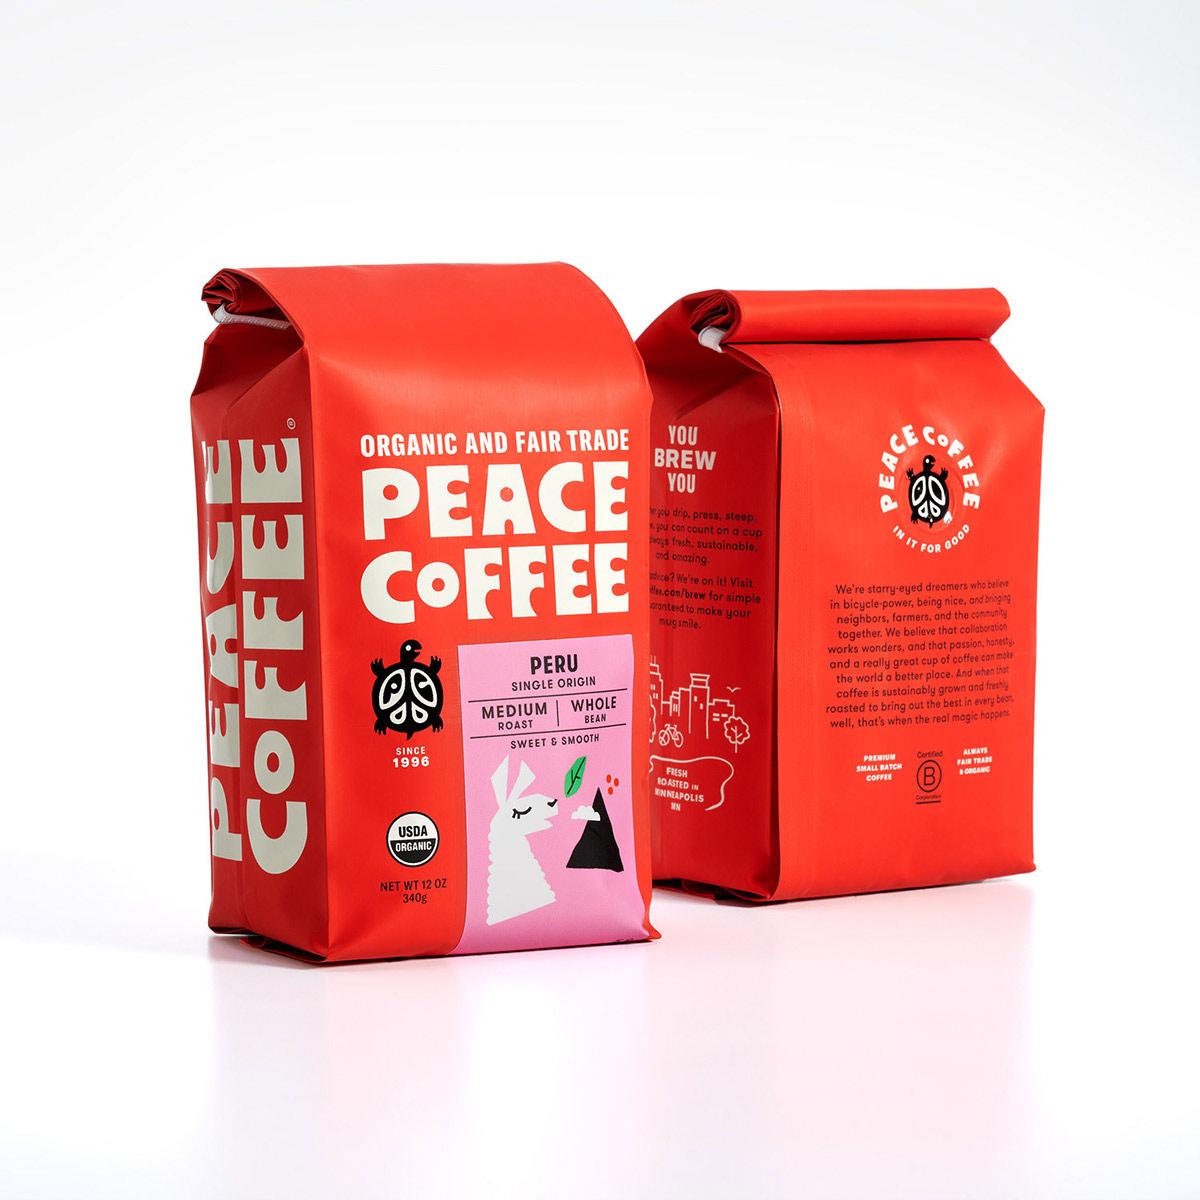 鲜明红色!咖啡品牌包装设计